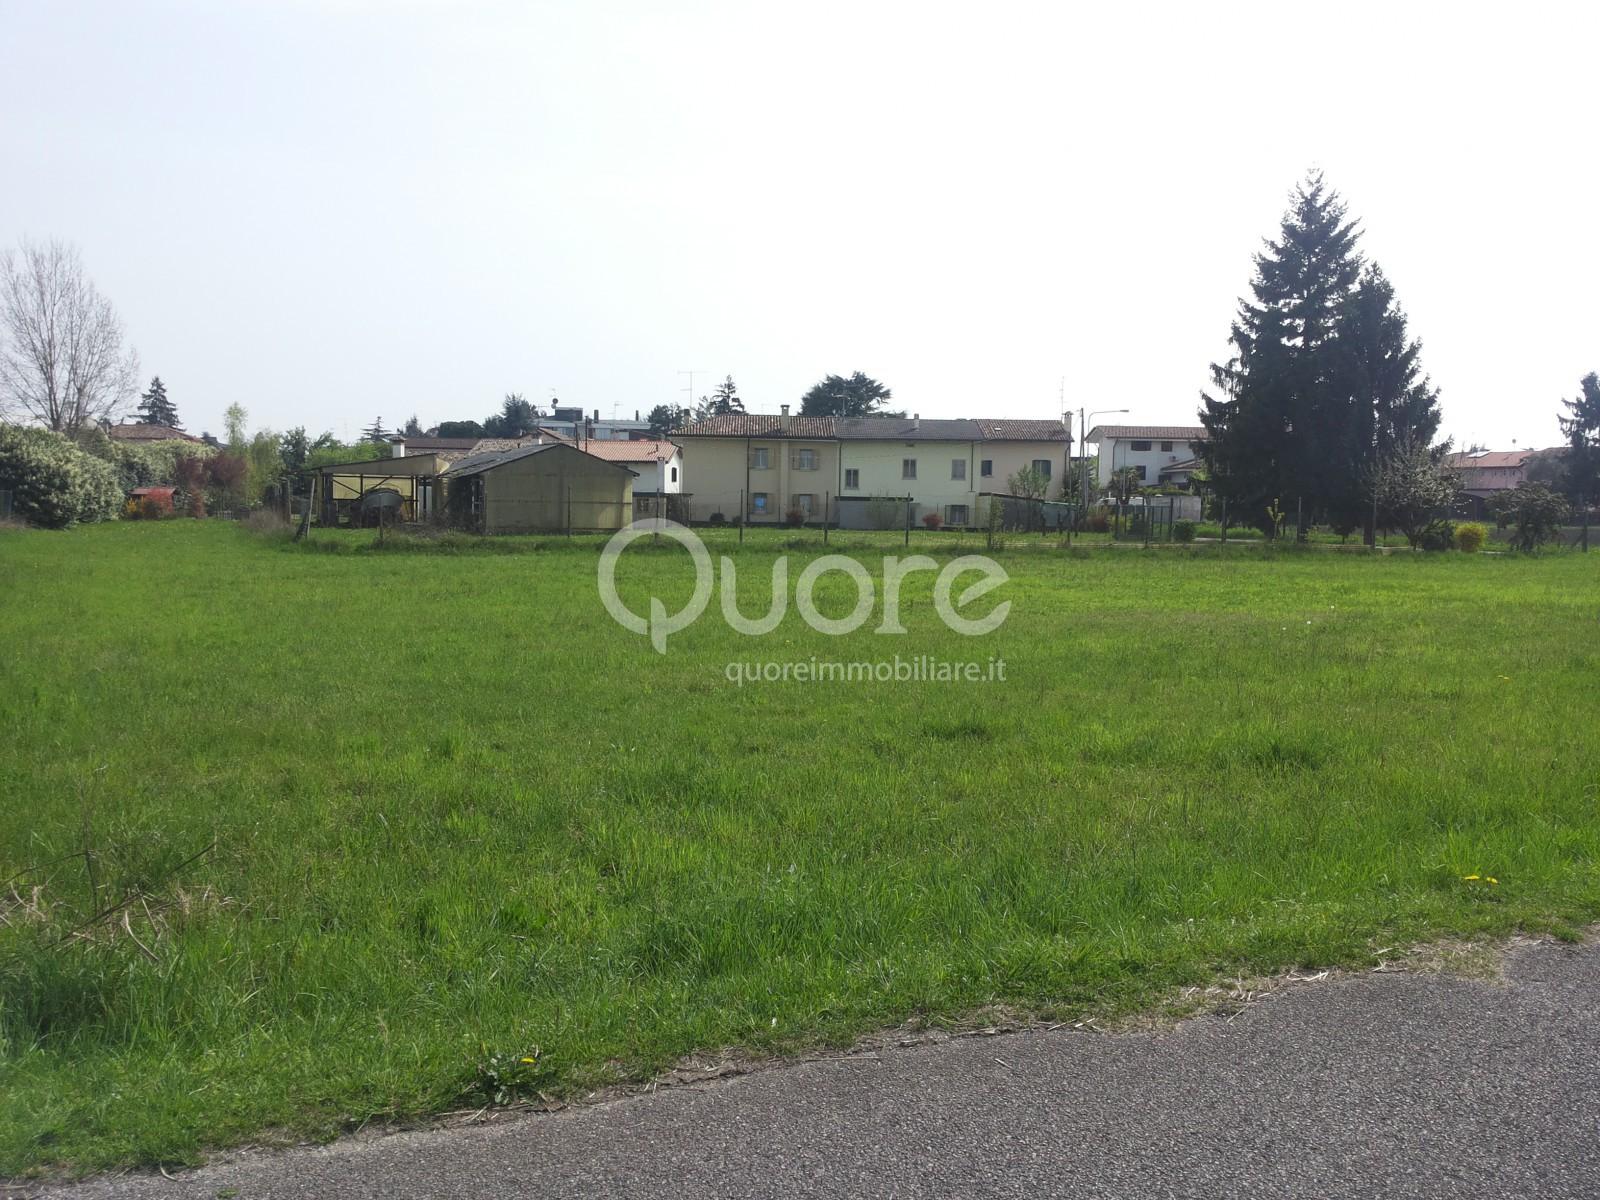 Terreno Edificabile Residenziale in vendita a Udine, 9999 locali, zona Località: CormorAlto, prezzo € 230.000 | CambioCasa.it